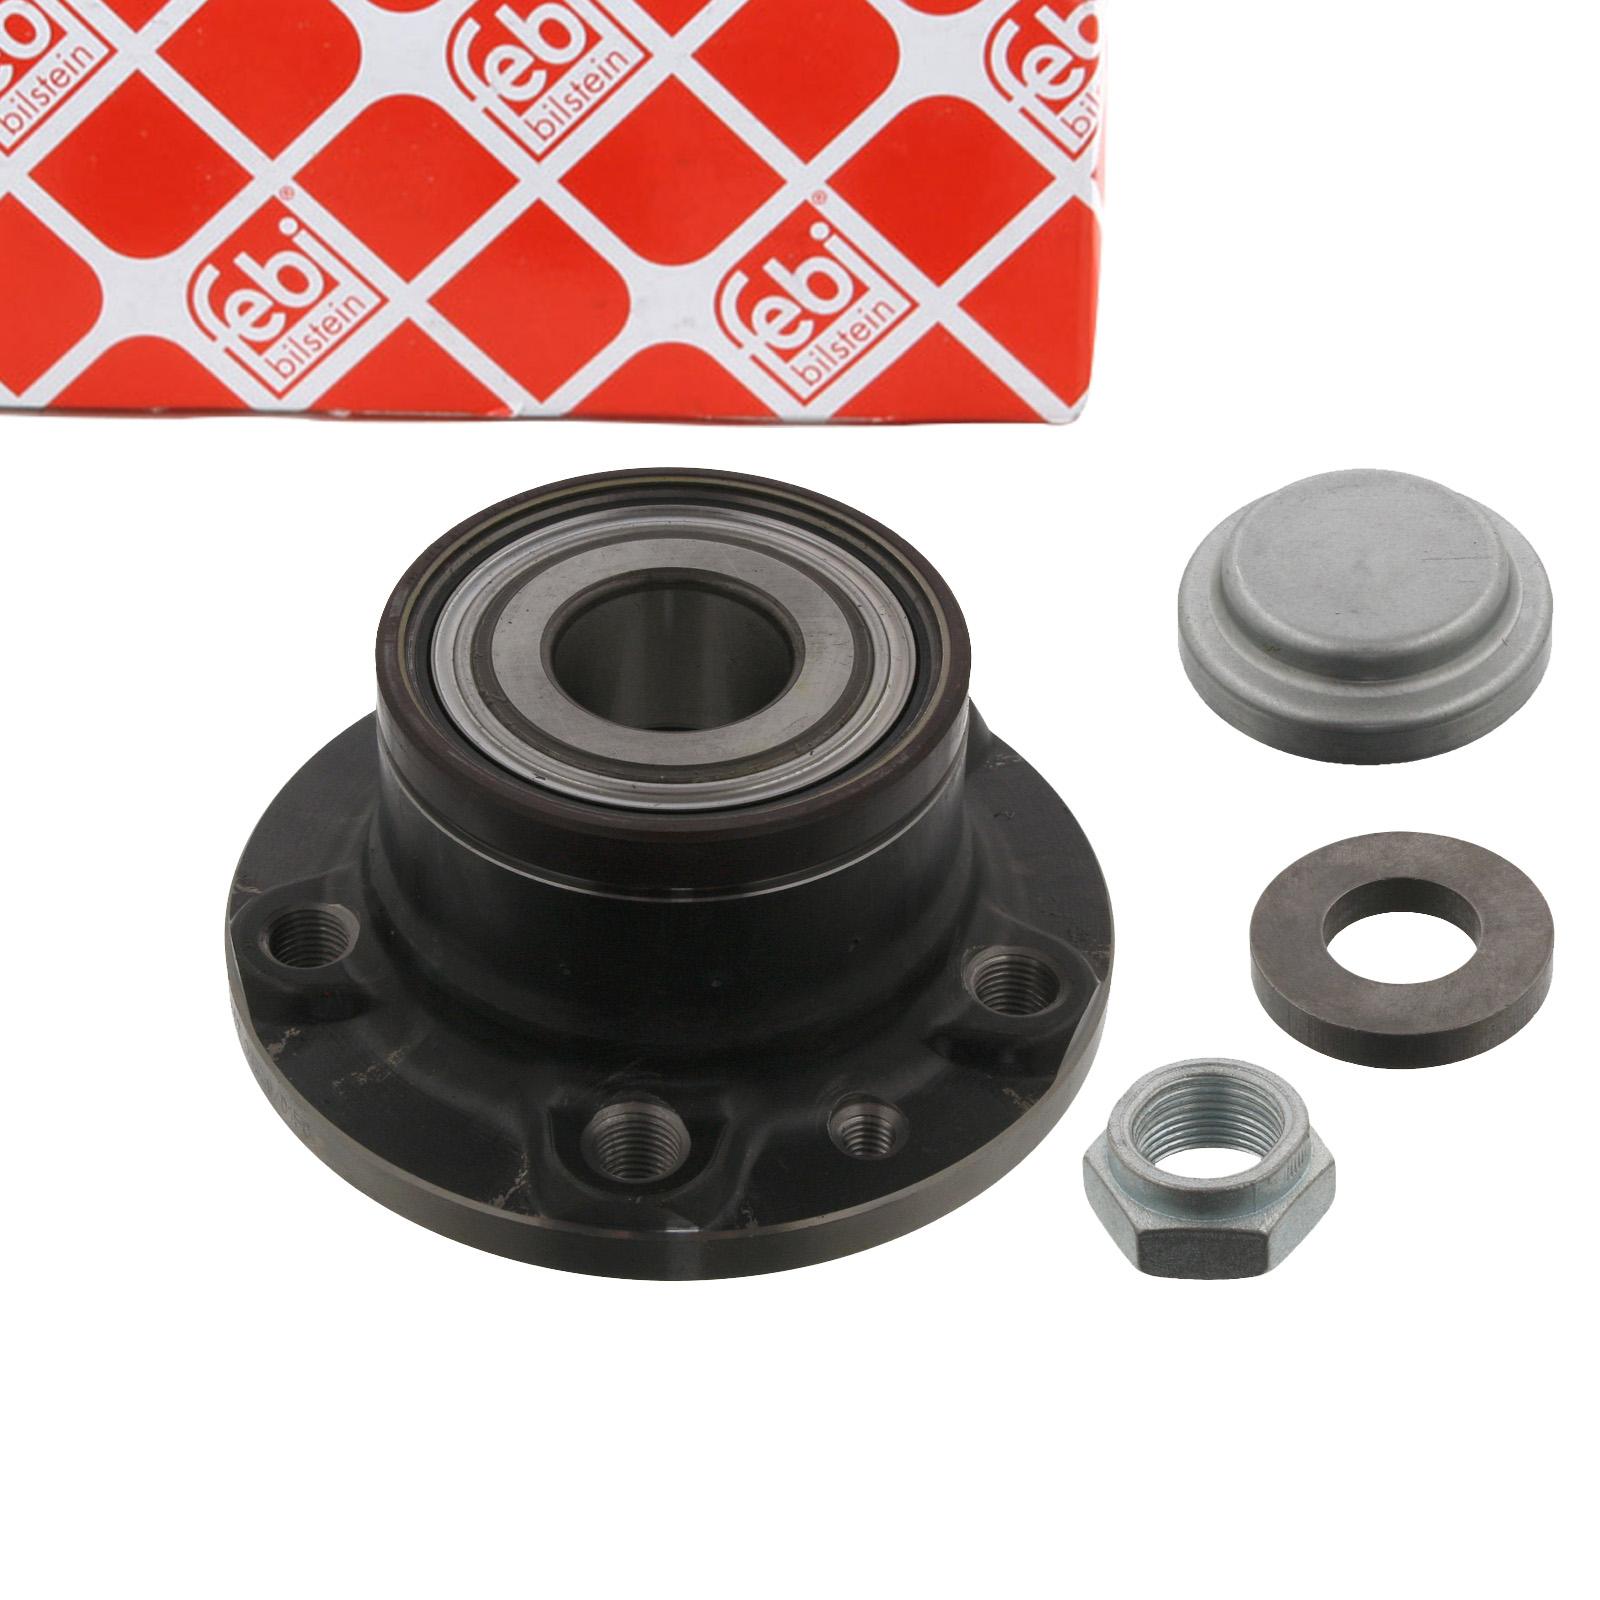 FEBI 34956 Radlagersatz Radnabe FIAT Doblo 1.4 / 1.3-2.0 D Multijet hinten 51810087